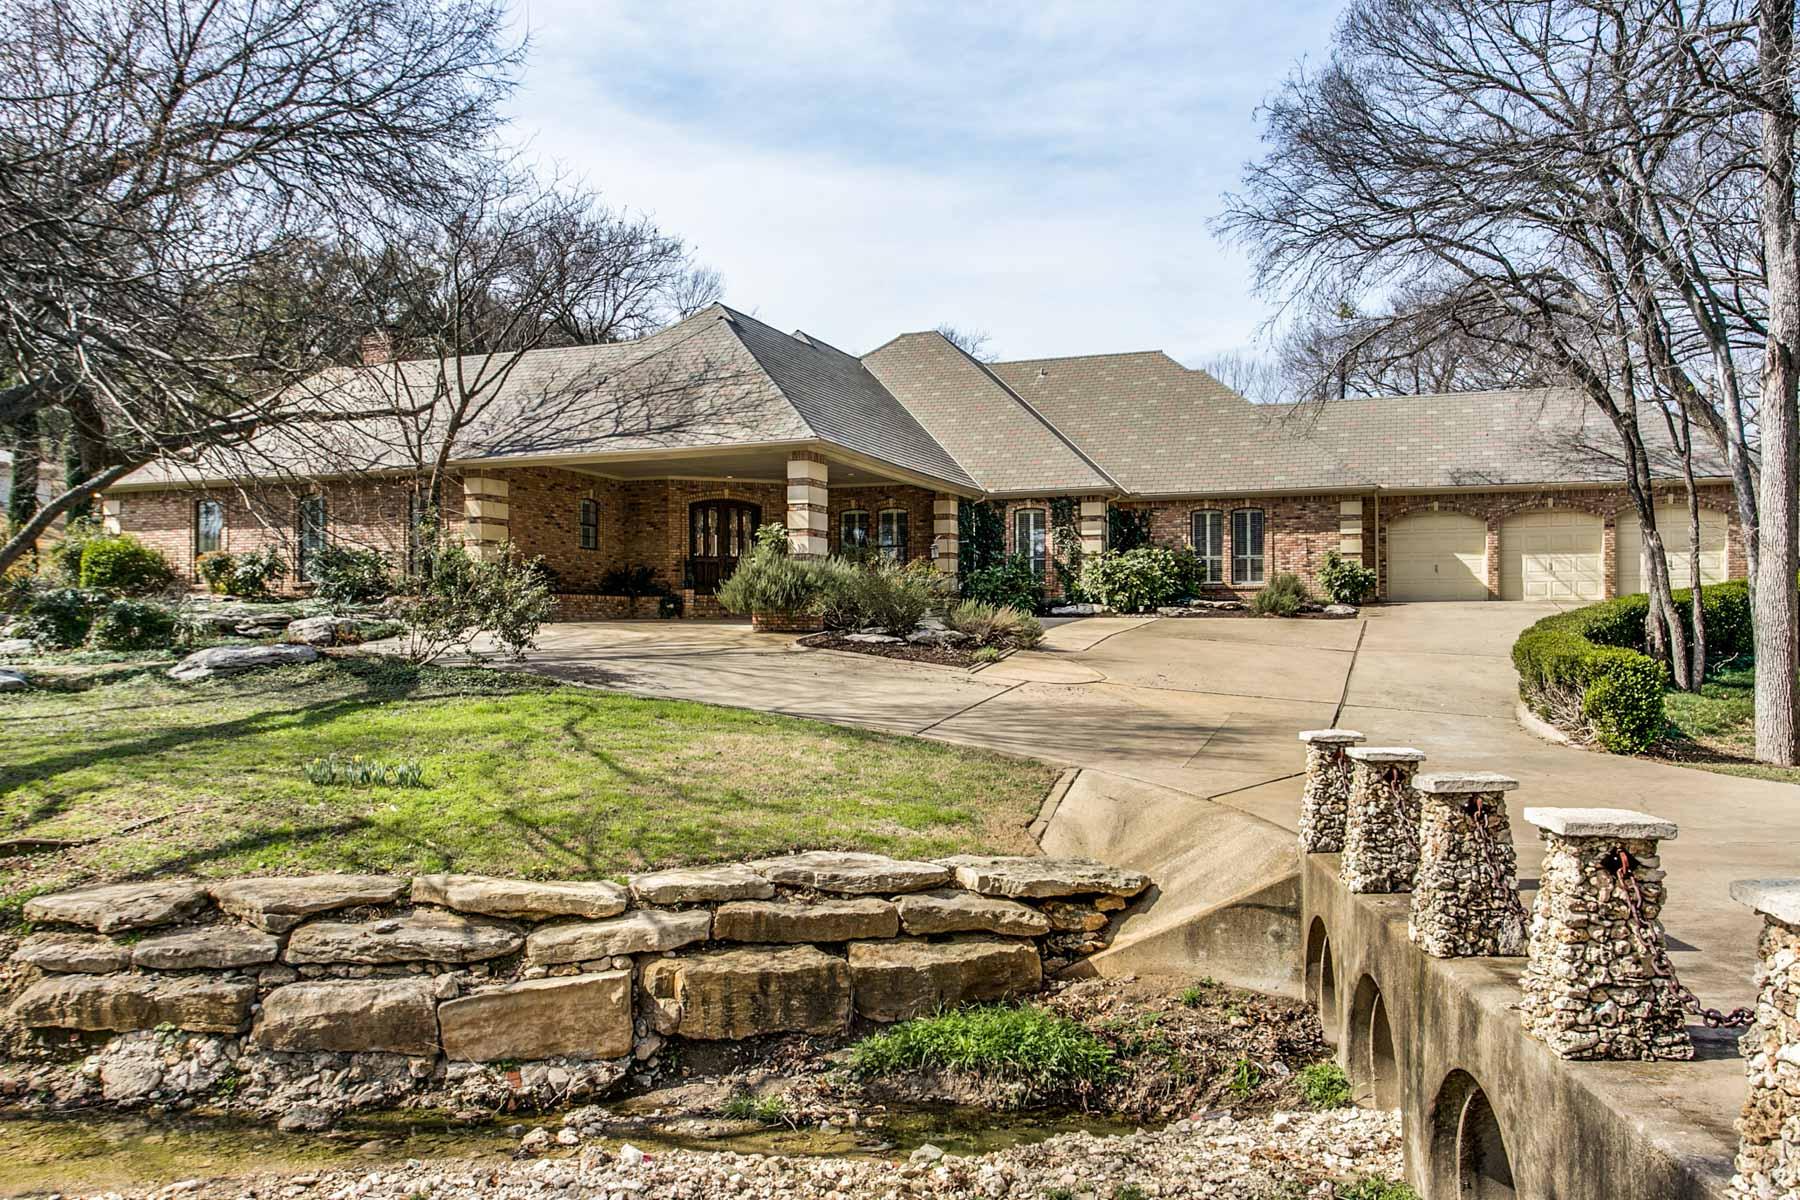 一戸建て のために 売買 アット 4024 Edgehill Rd, Fort Worth Fort Worth, テキサス, 76116 アメリカ合衆国